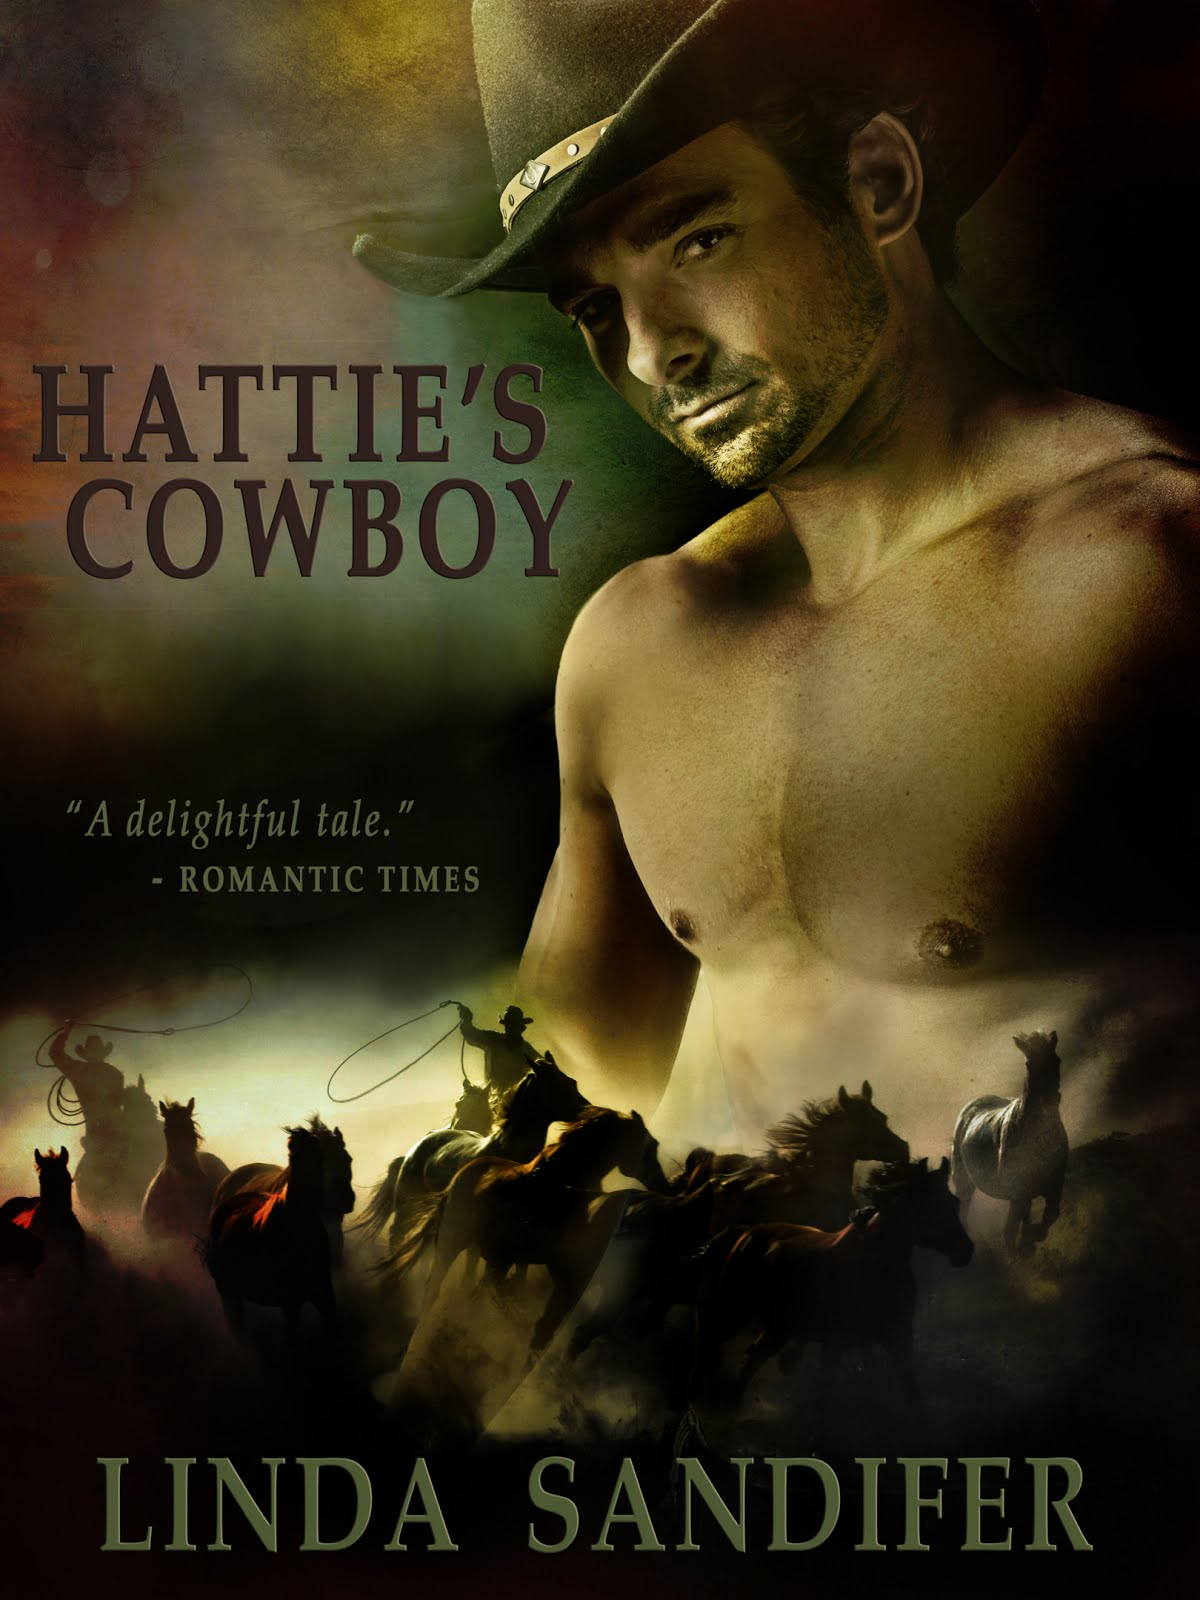 HATTIE'S COWBOY